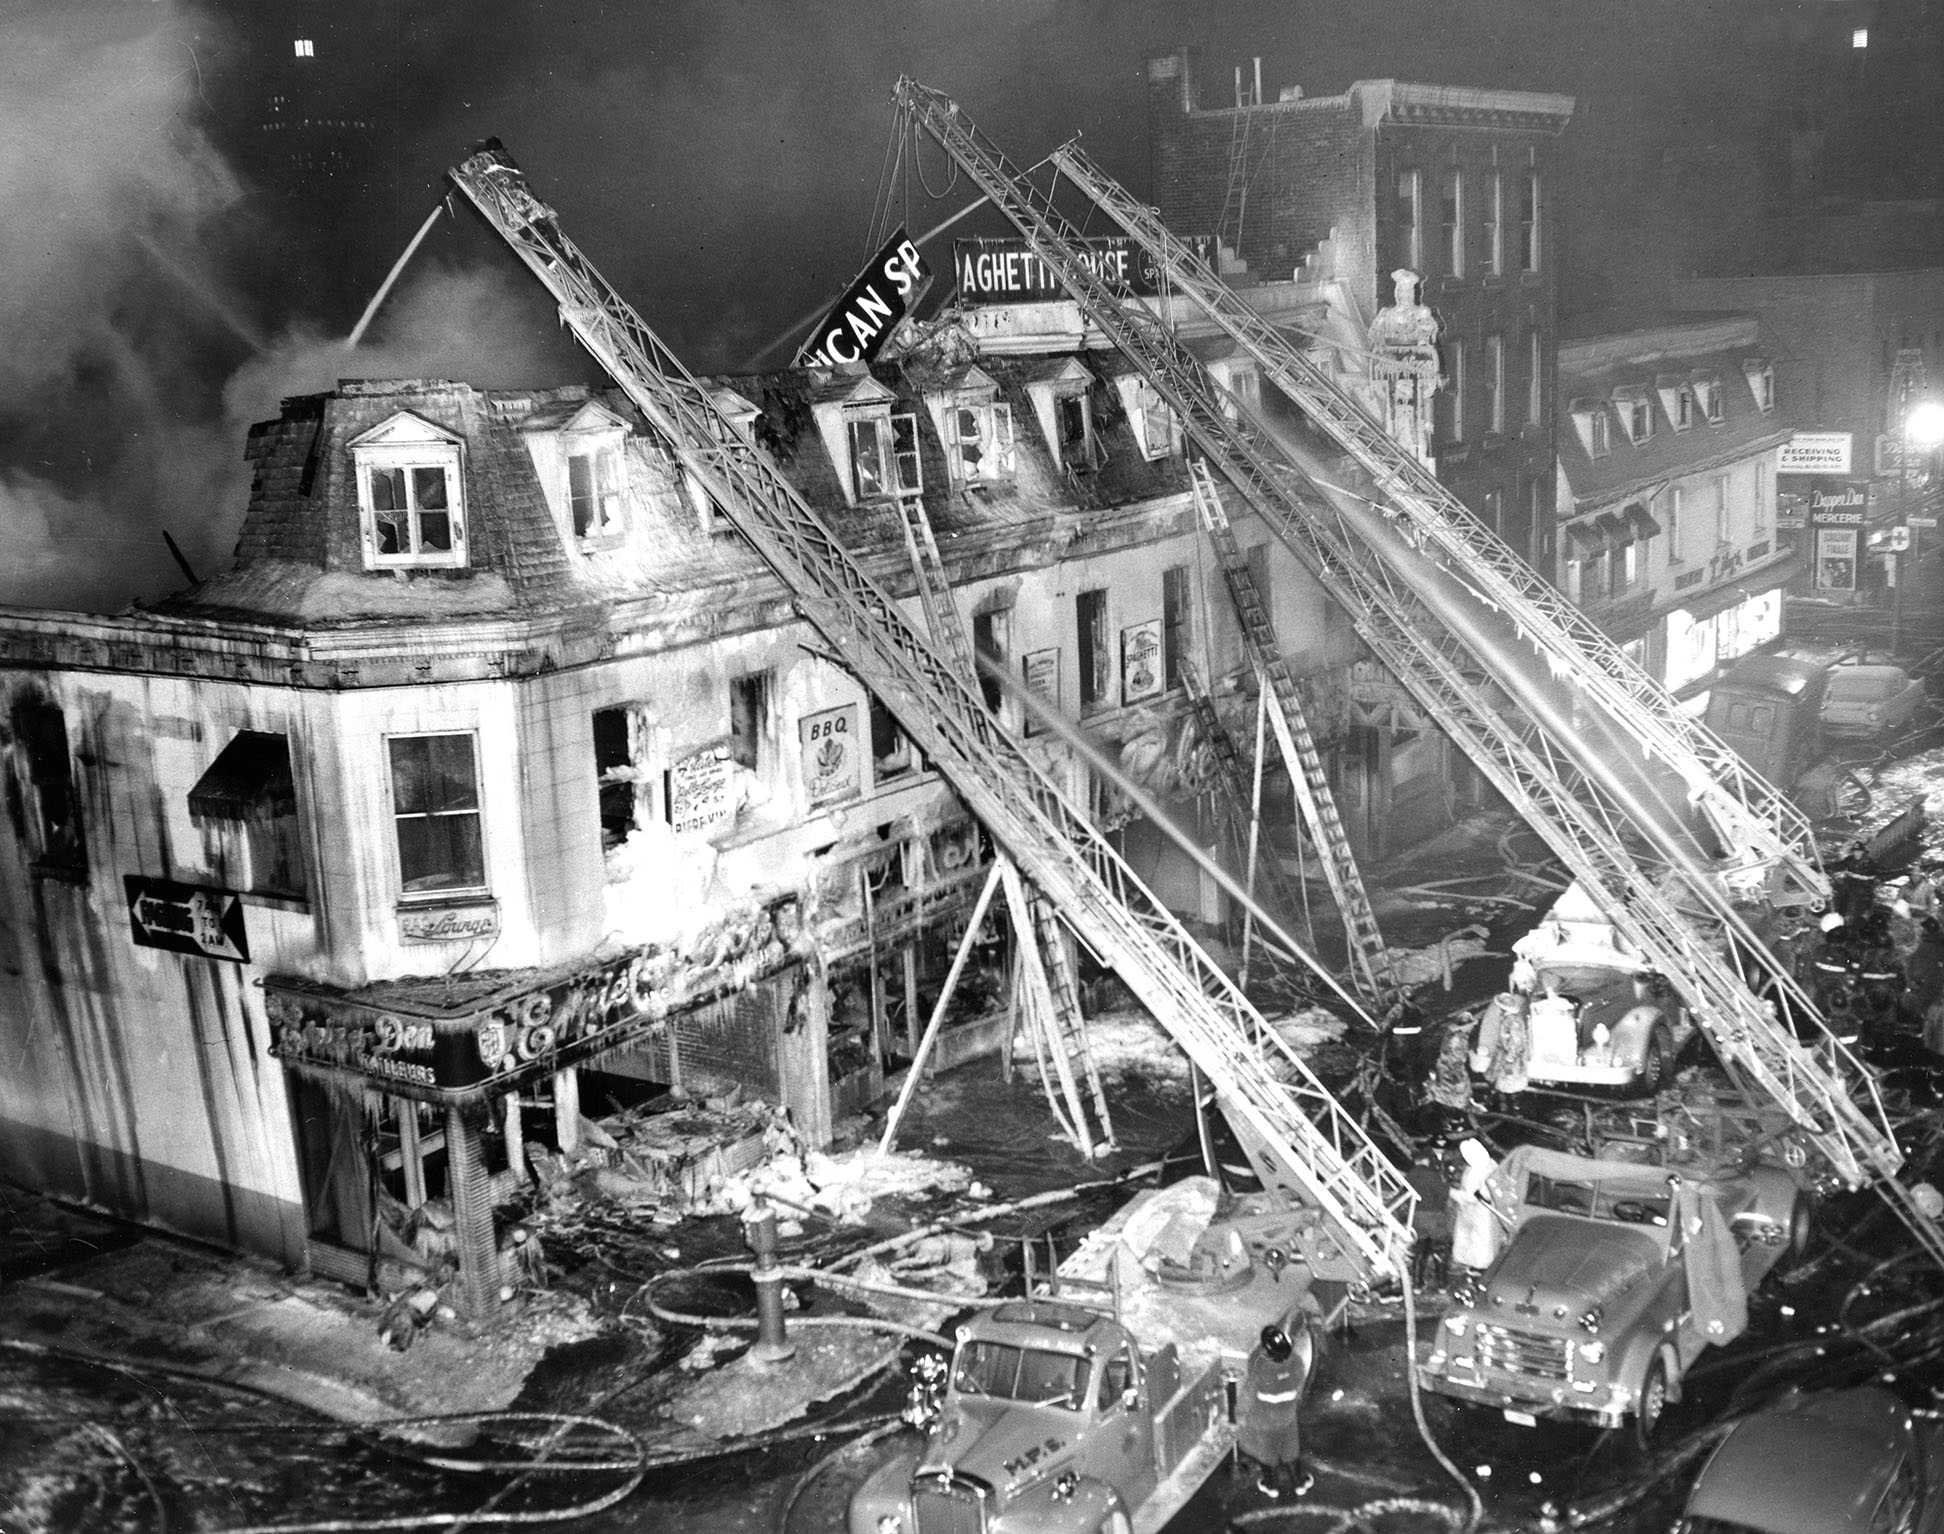 Photographie en noir et blanc montrant les décombres d'un édifice après un incendie. Des camions de pompier sont visibles sur la droite de la photographie.